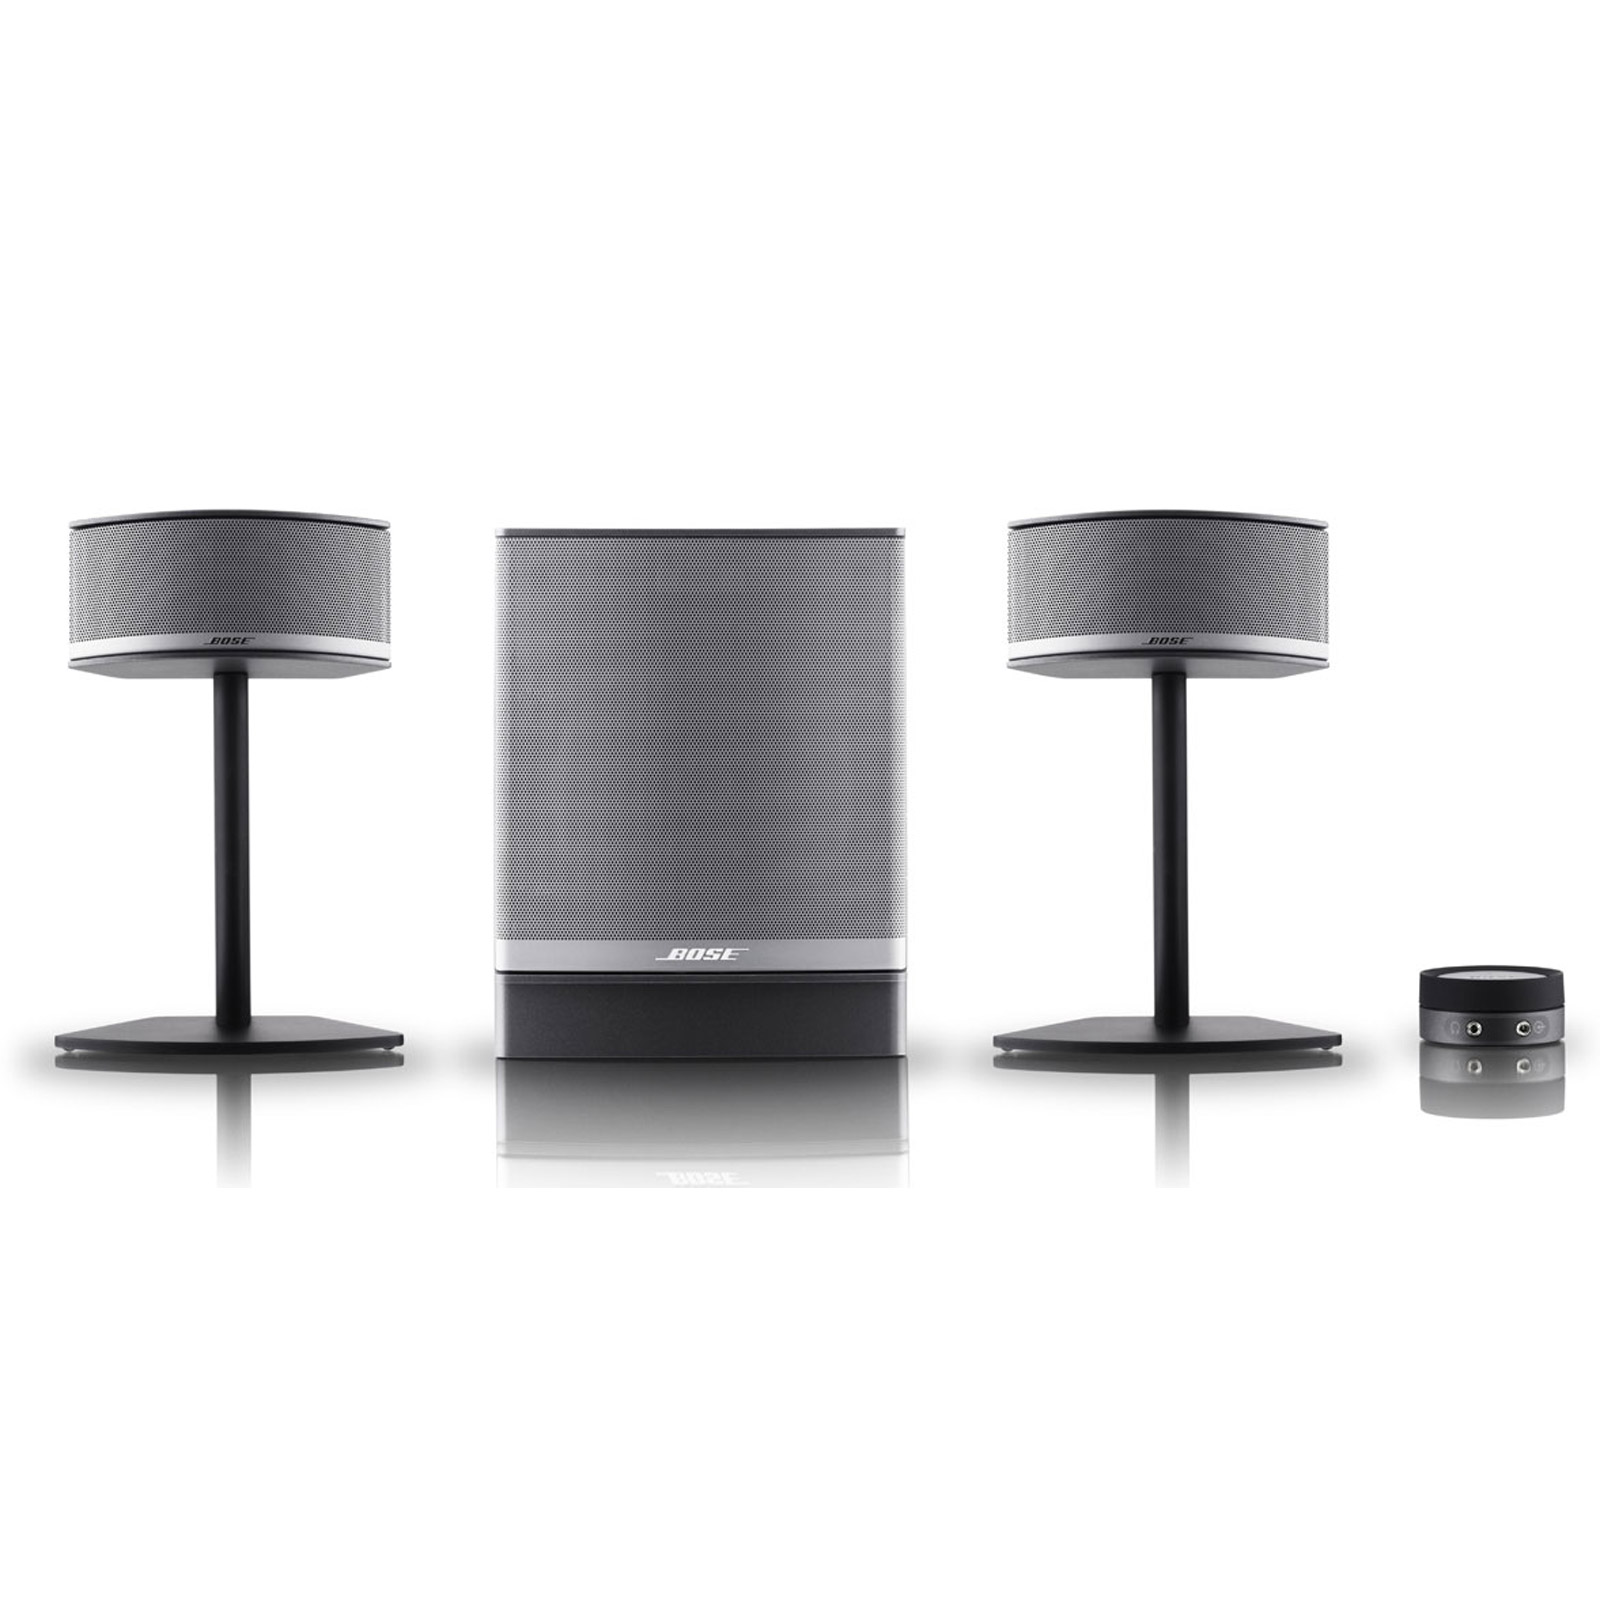 bose companion 5 enceinte pc bose sur ldlc. Black Bedroom Furniture Sets. Home Design Ideas